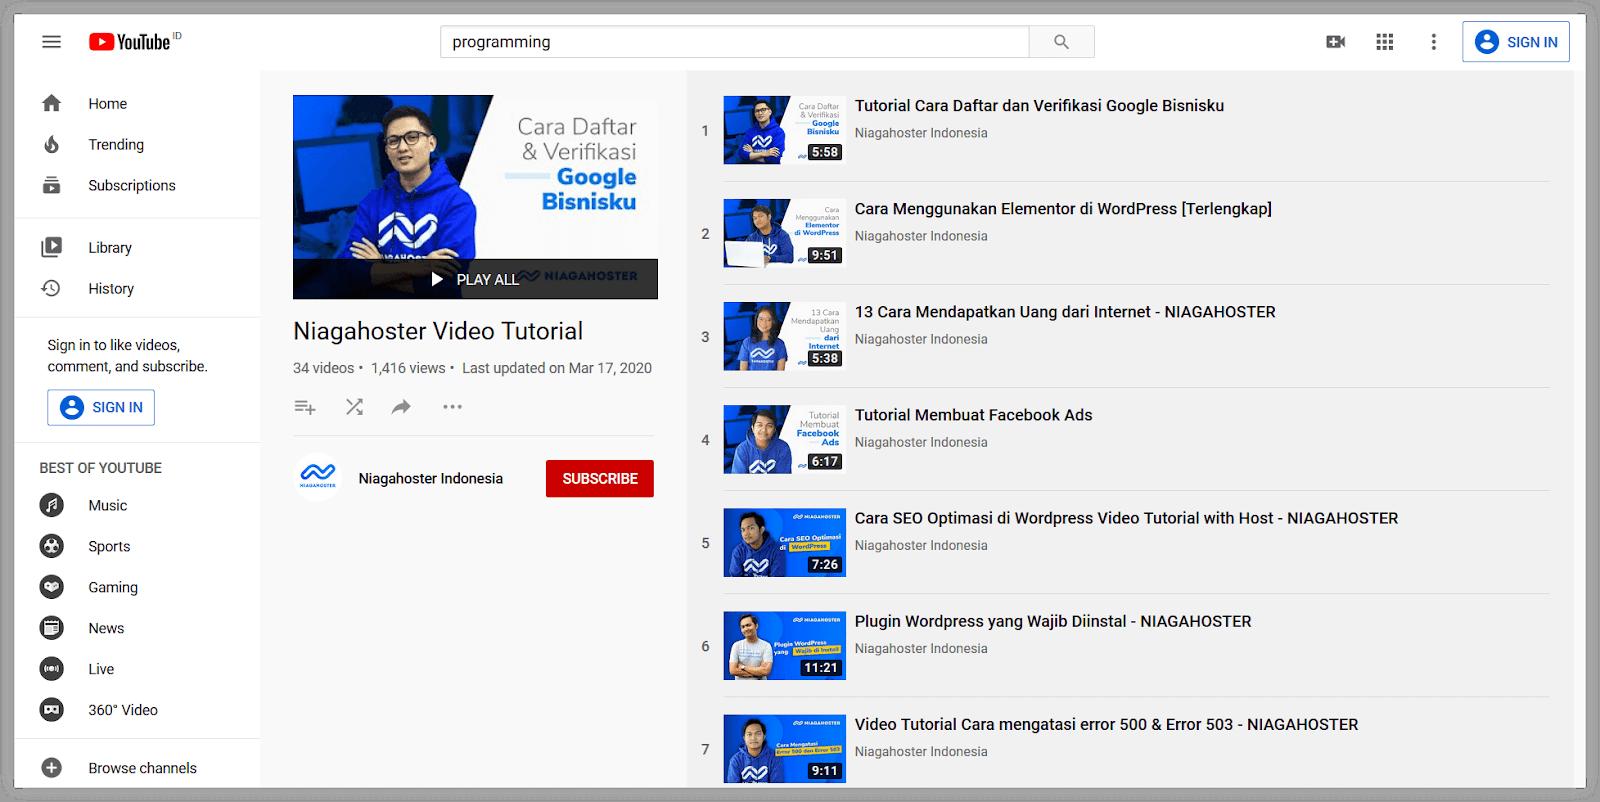 Membangun channel YouTube bisa menghasilkan pendapatan.